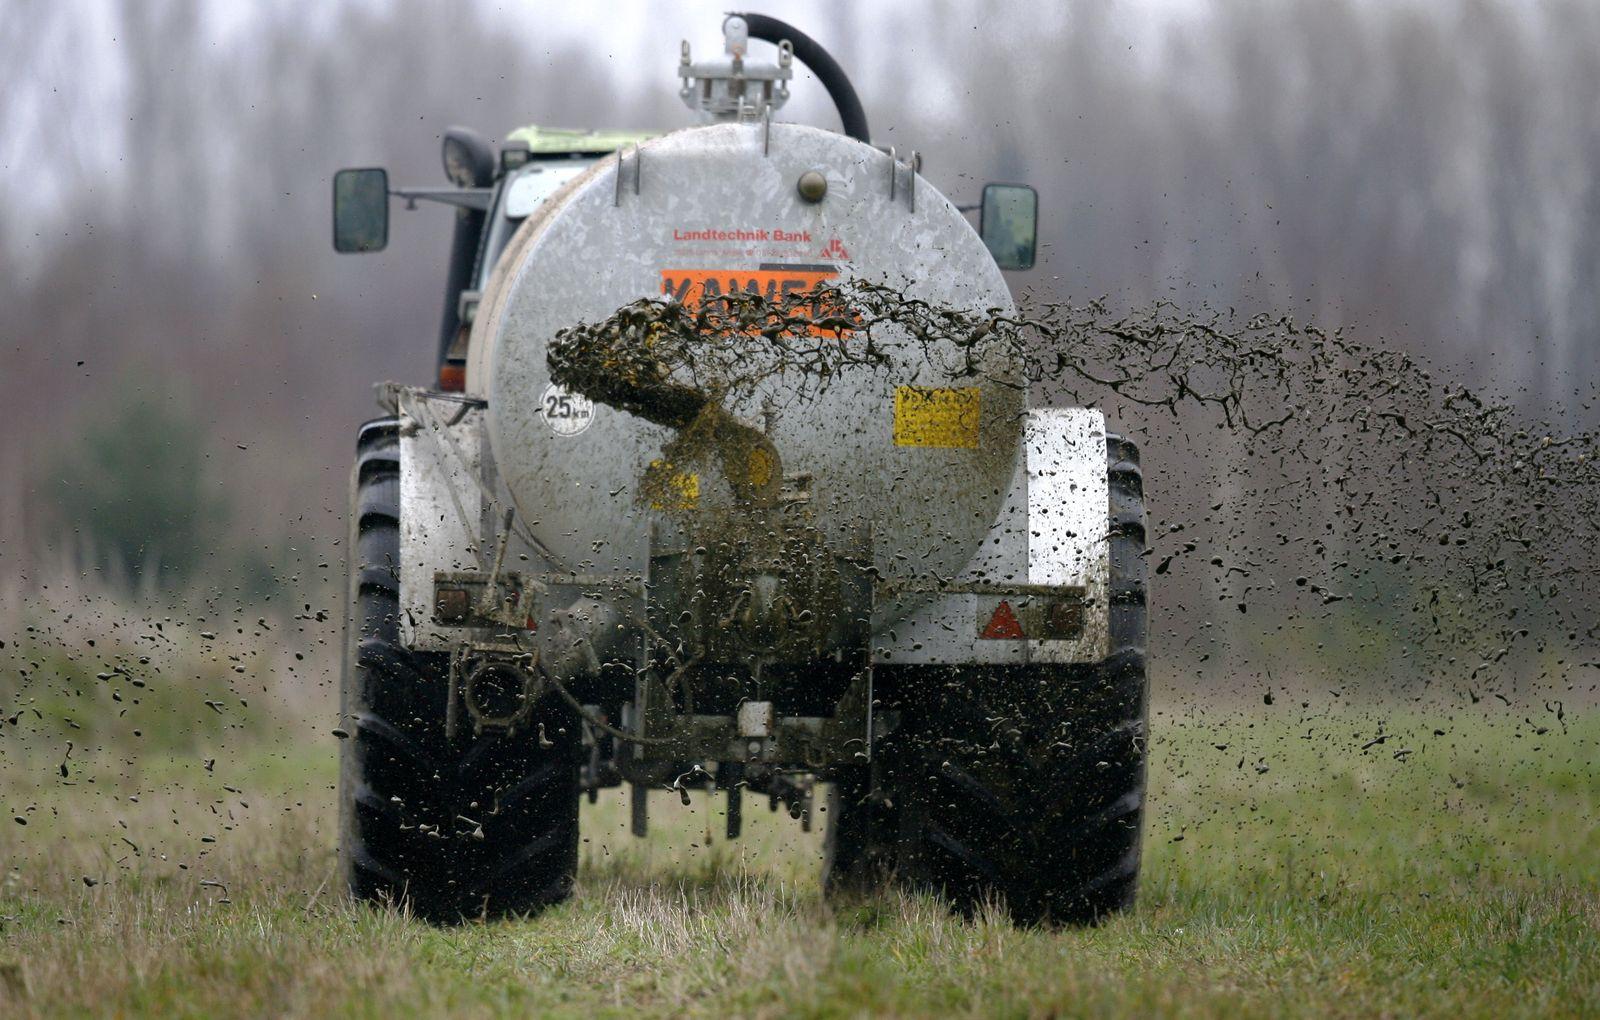 Niedersachsen guckt strenger auf Gülle-Entsorgung